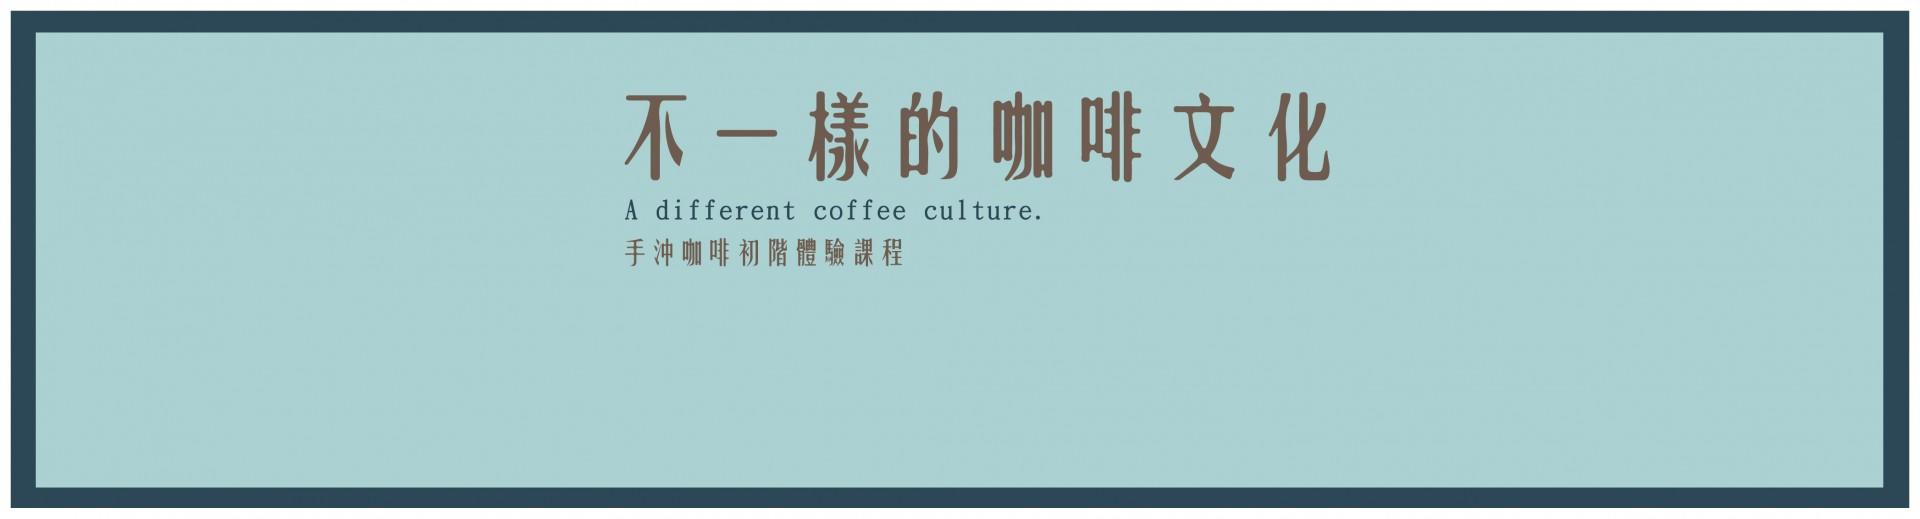 不一樣的咖啡文化-手沖咖啡初階體驗課程